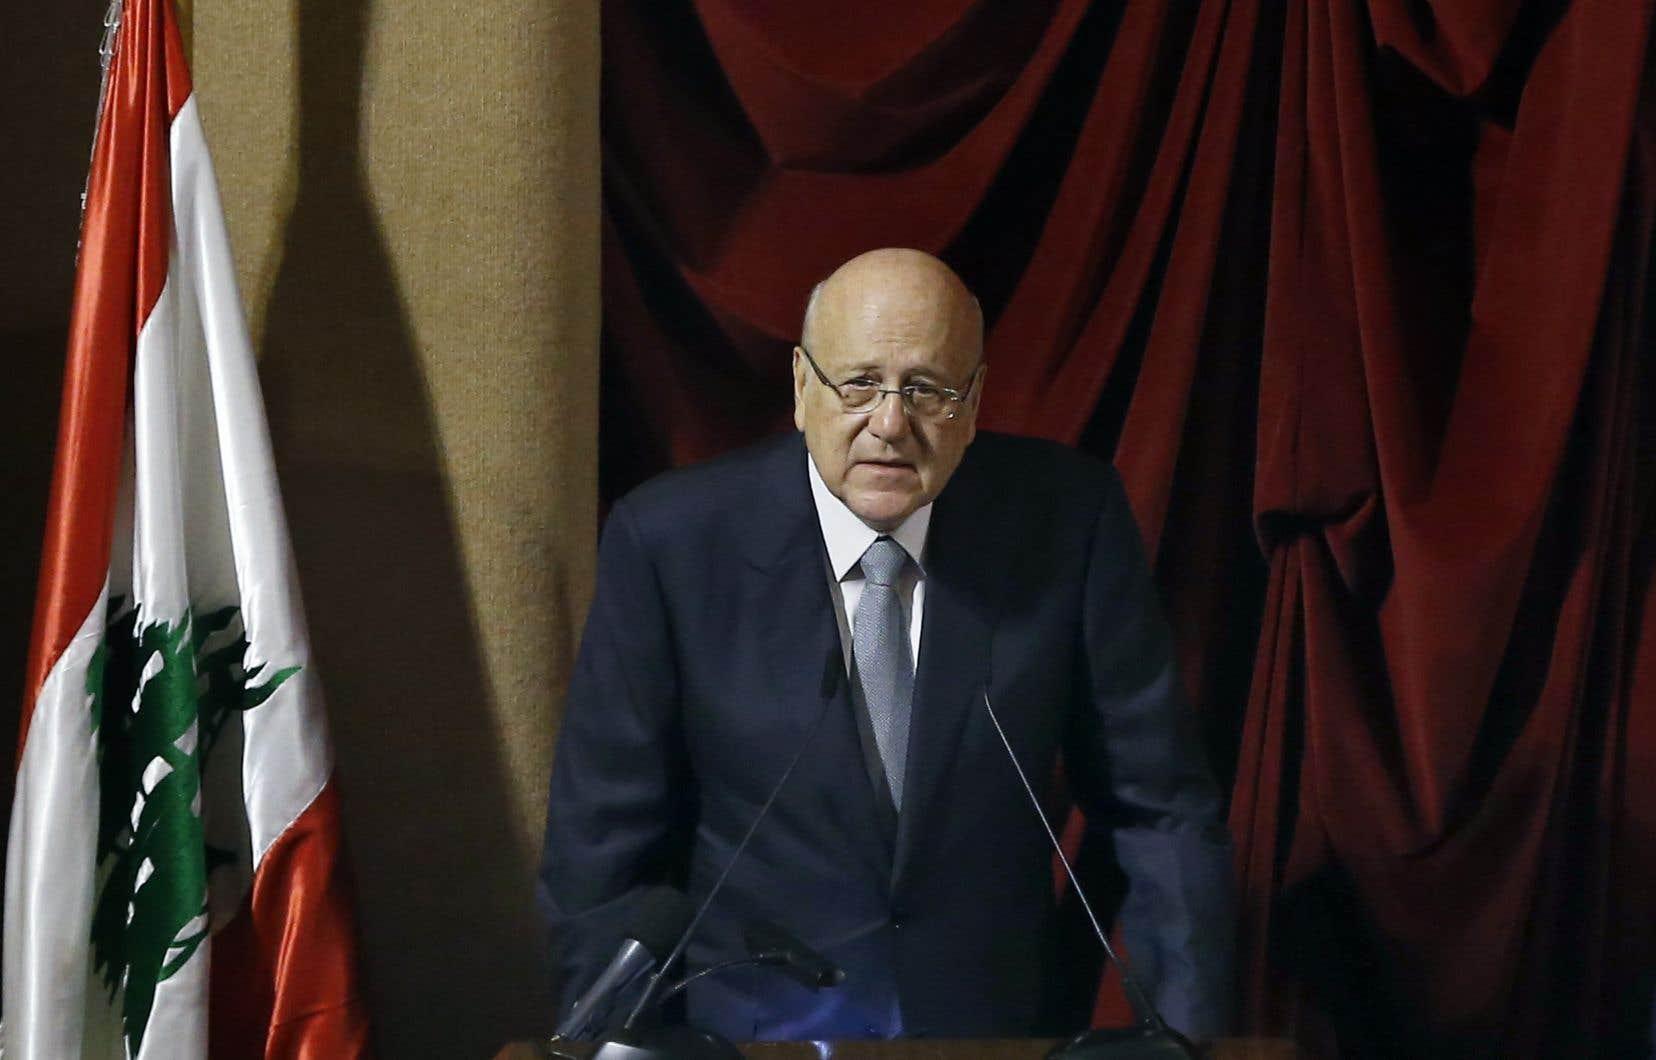 Englué dans une crise économique sans précédent, le Liban s'est doté le 10septembre d'un nouveau gouvernement dirigé par le premier ministre Najib Mikati, après 13 mois d'interminables tractations politiques.